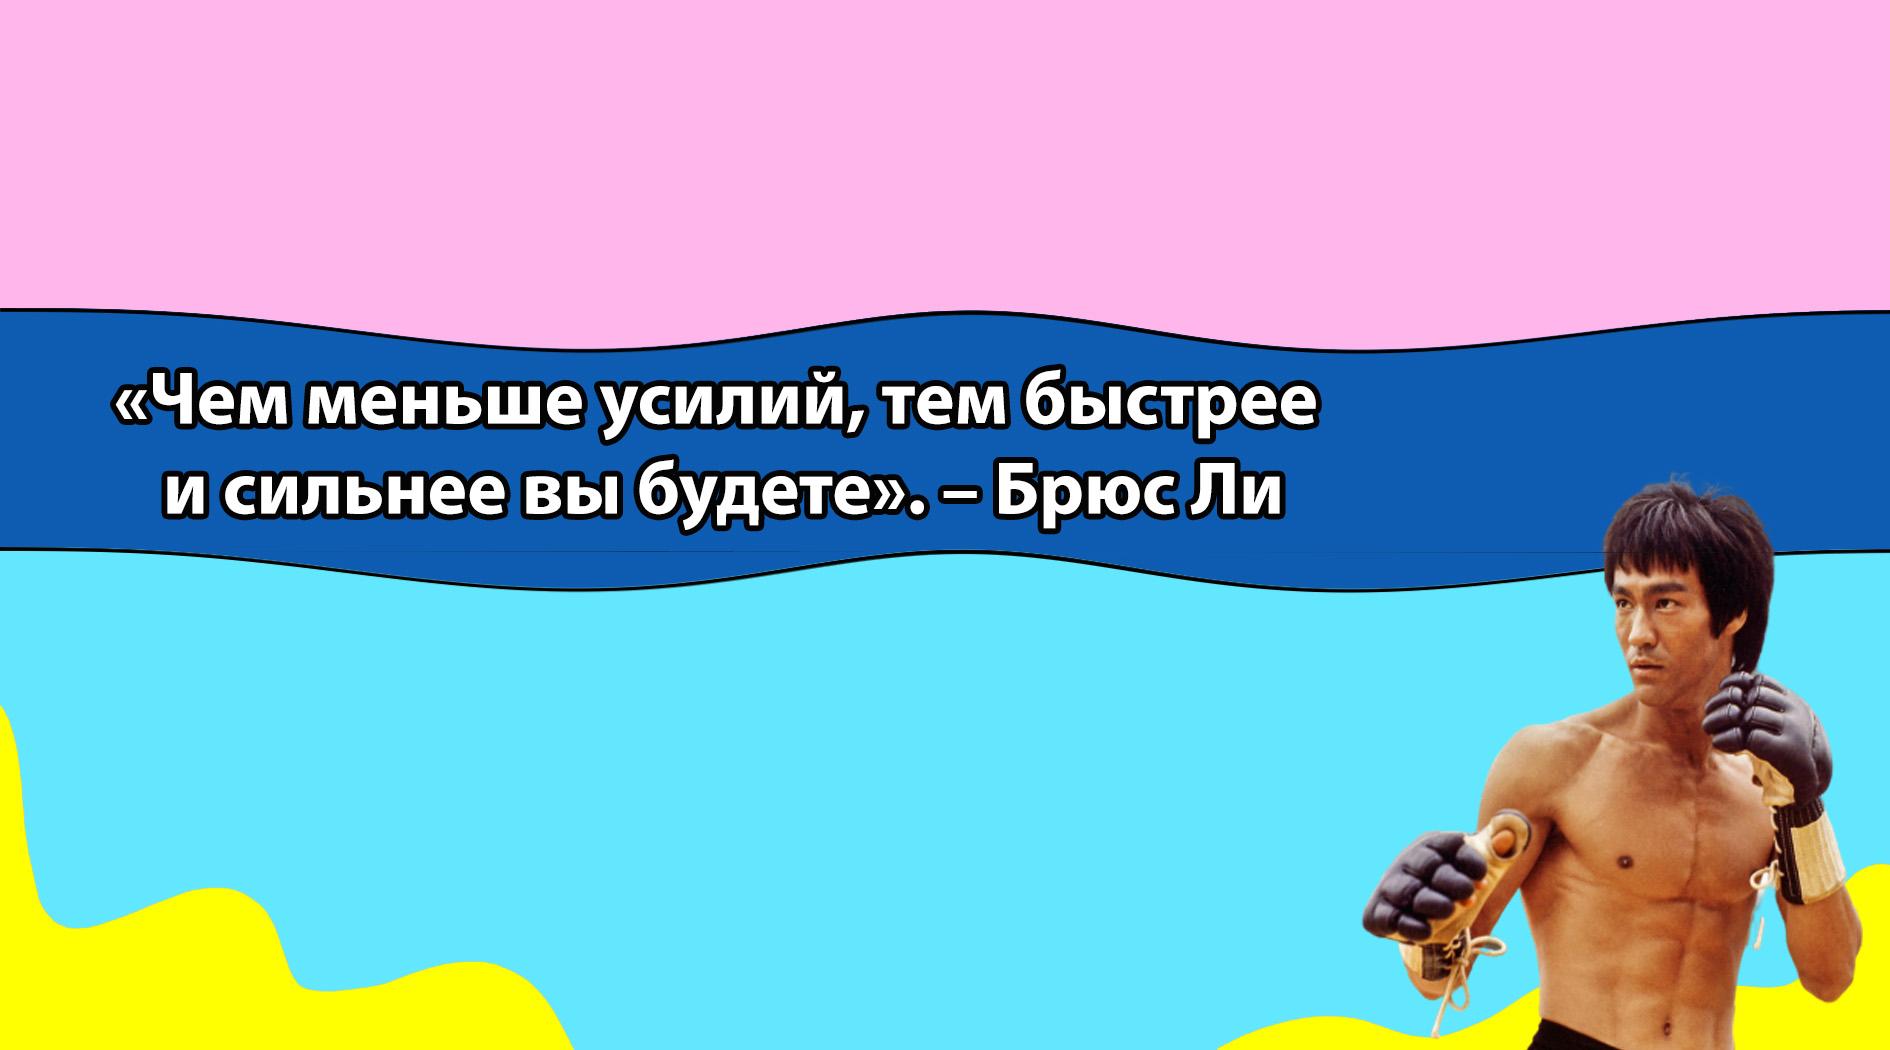 1595499982_455214545.jpg